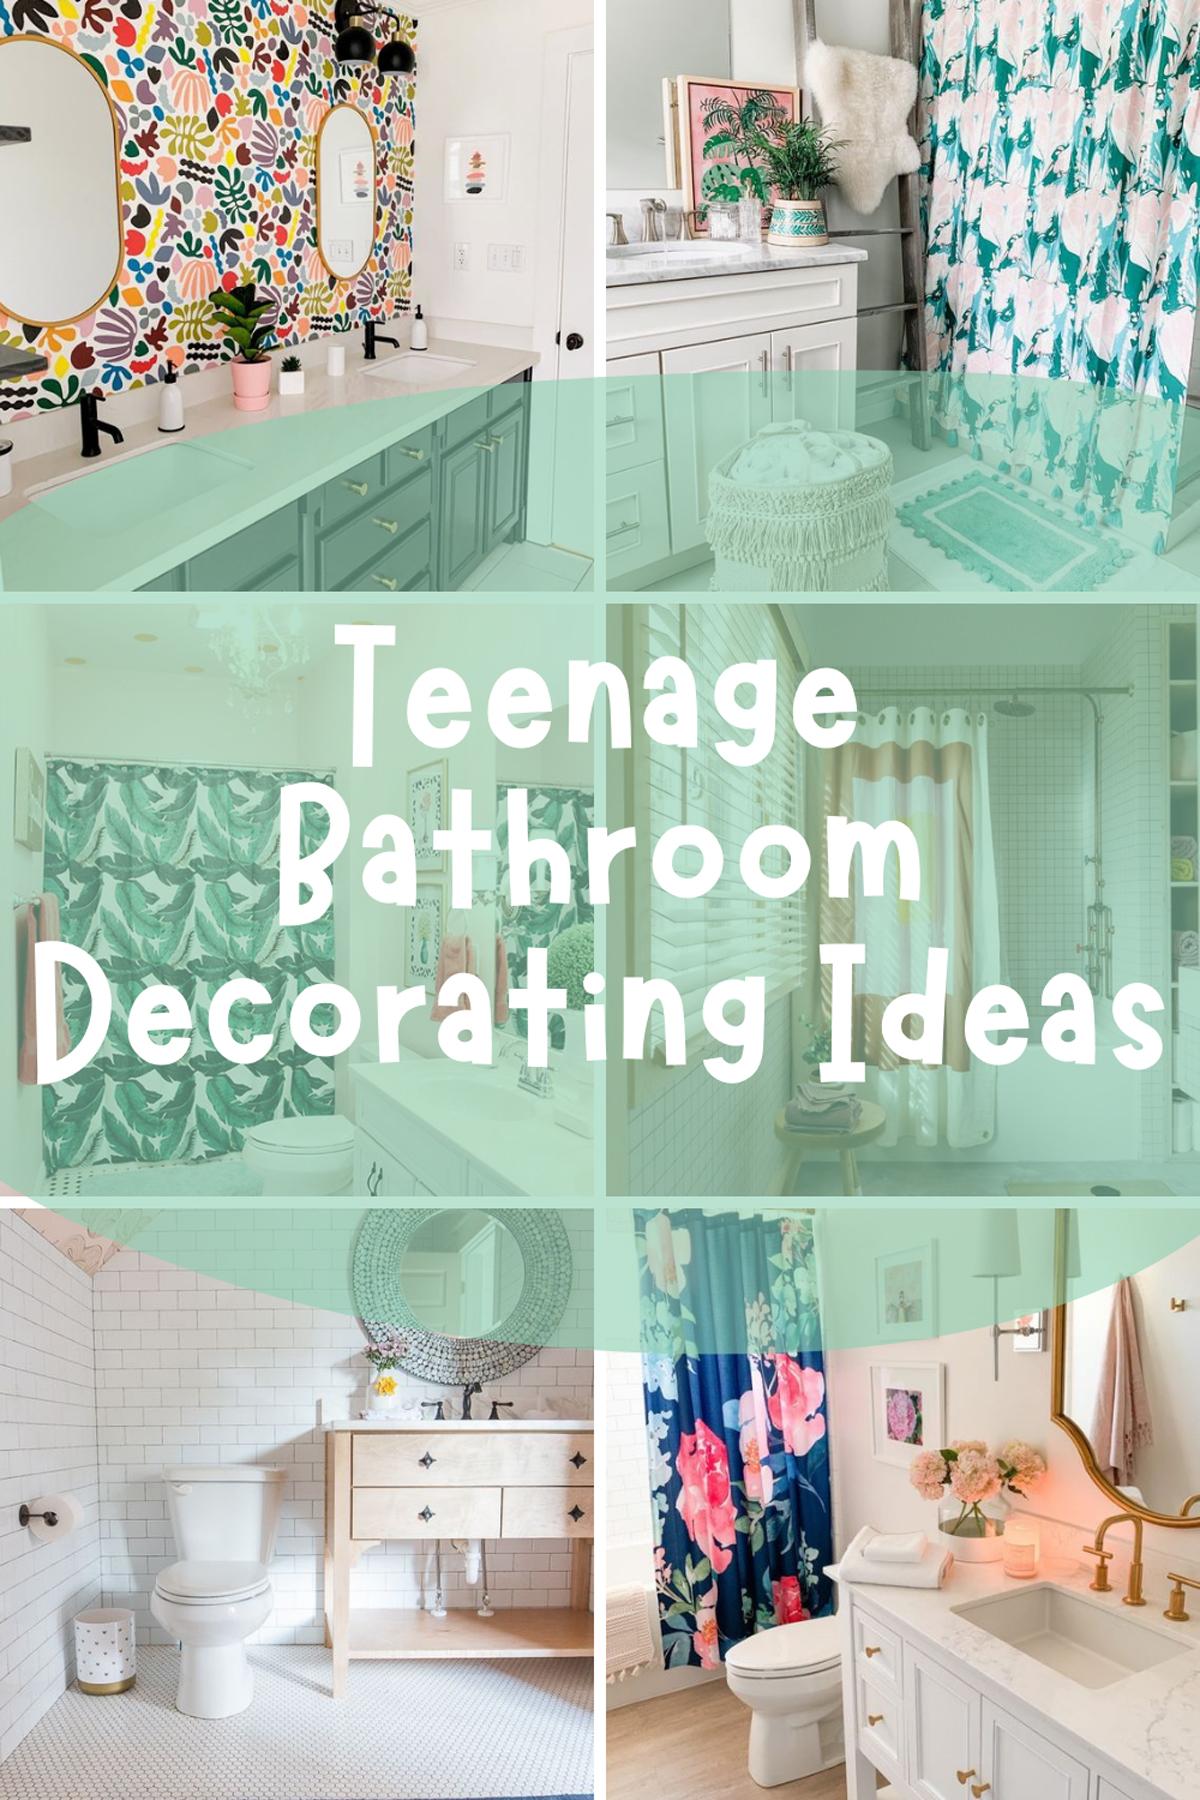 Teenage Bathroom Decorating Ideas